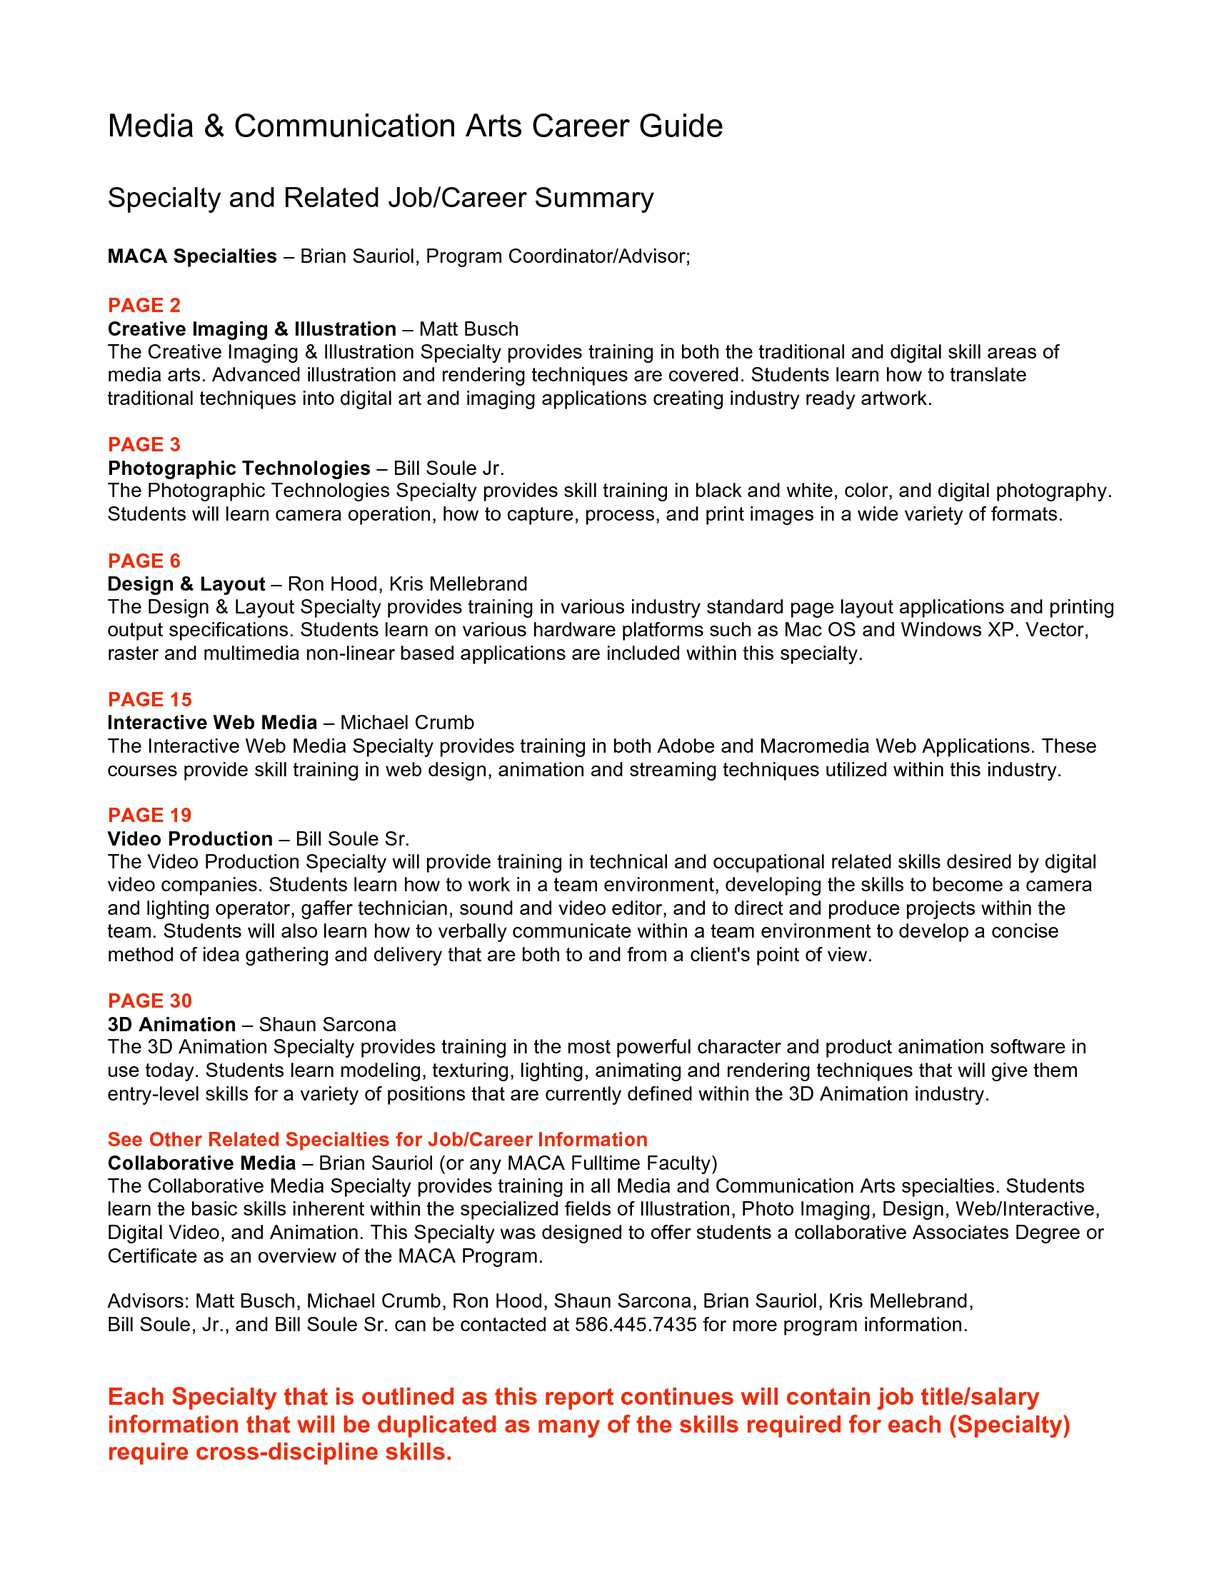 Calameo Maca Career Guide 2011